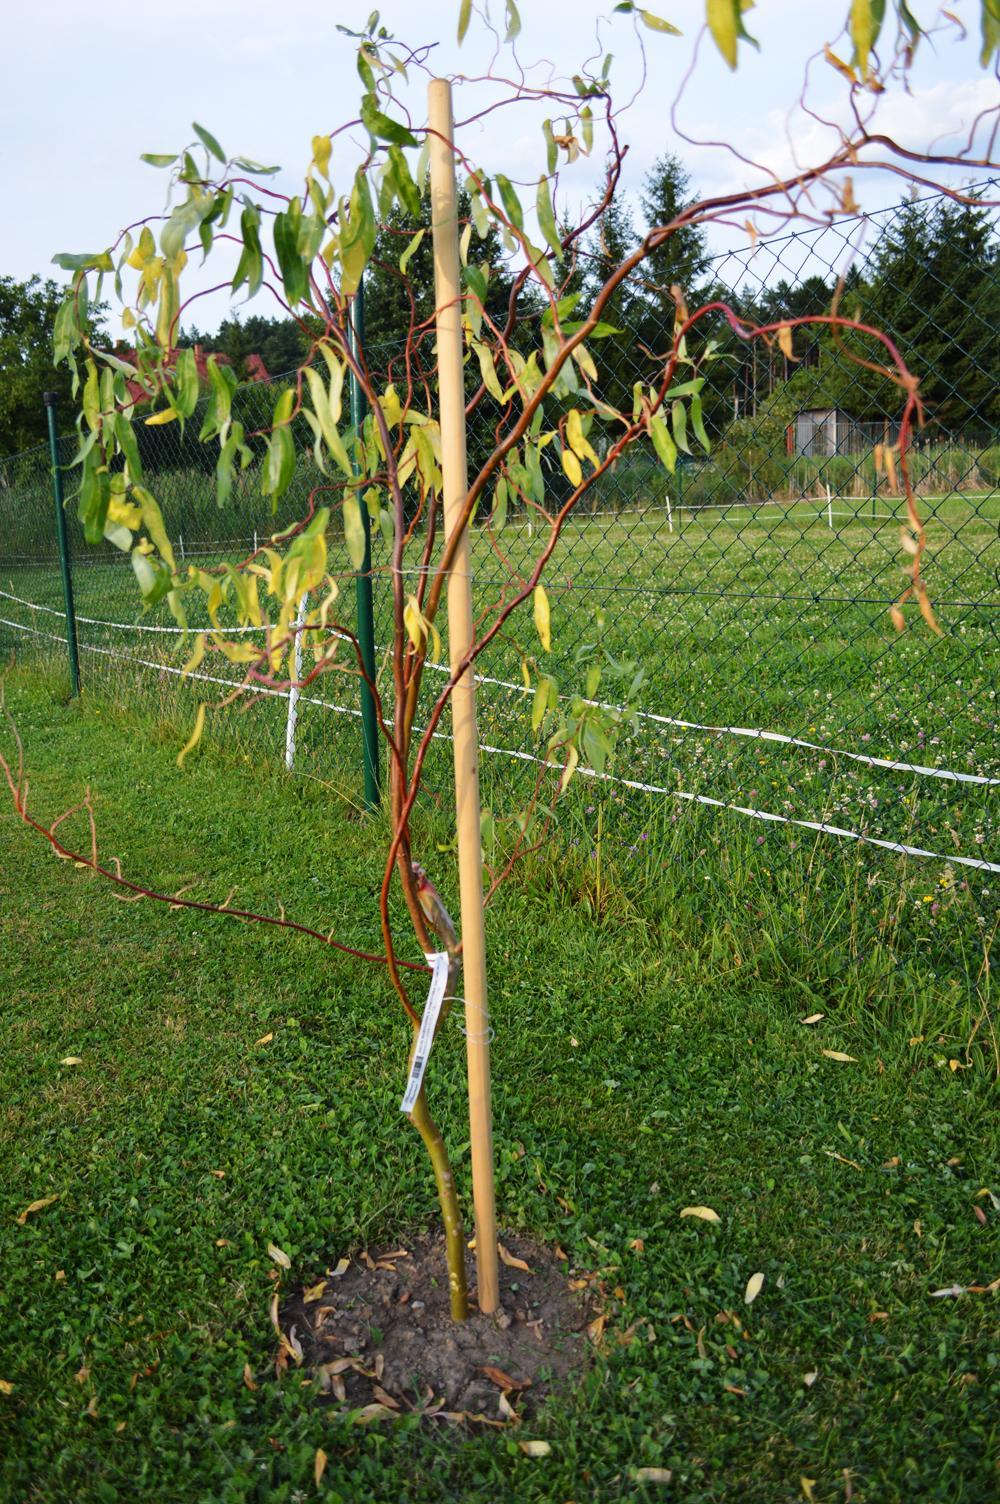 """Prosím o POMOC :-(  Pred týždňom som si kúpila a zasadila Vŕbu Pekingskú (Salix Babylonica tortuosa) ale začala mi žltnúť a opadávať, Dá sa ešte dokopy? Vyžaduje si nejakú špeciálnu starostlivosť? Treba nejako """"prehnane"""" veľa polievať? Zalievam ju len večer a tak primerane. ďakujem - Obrázok č. 2"""